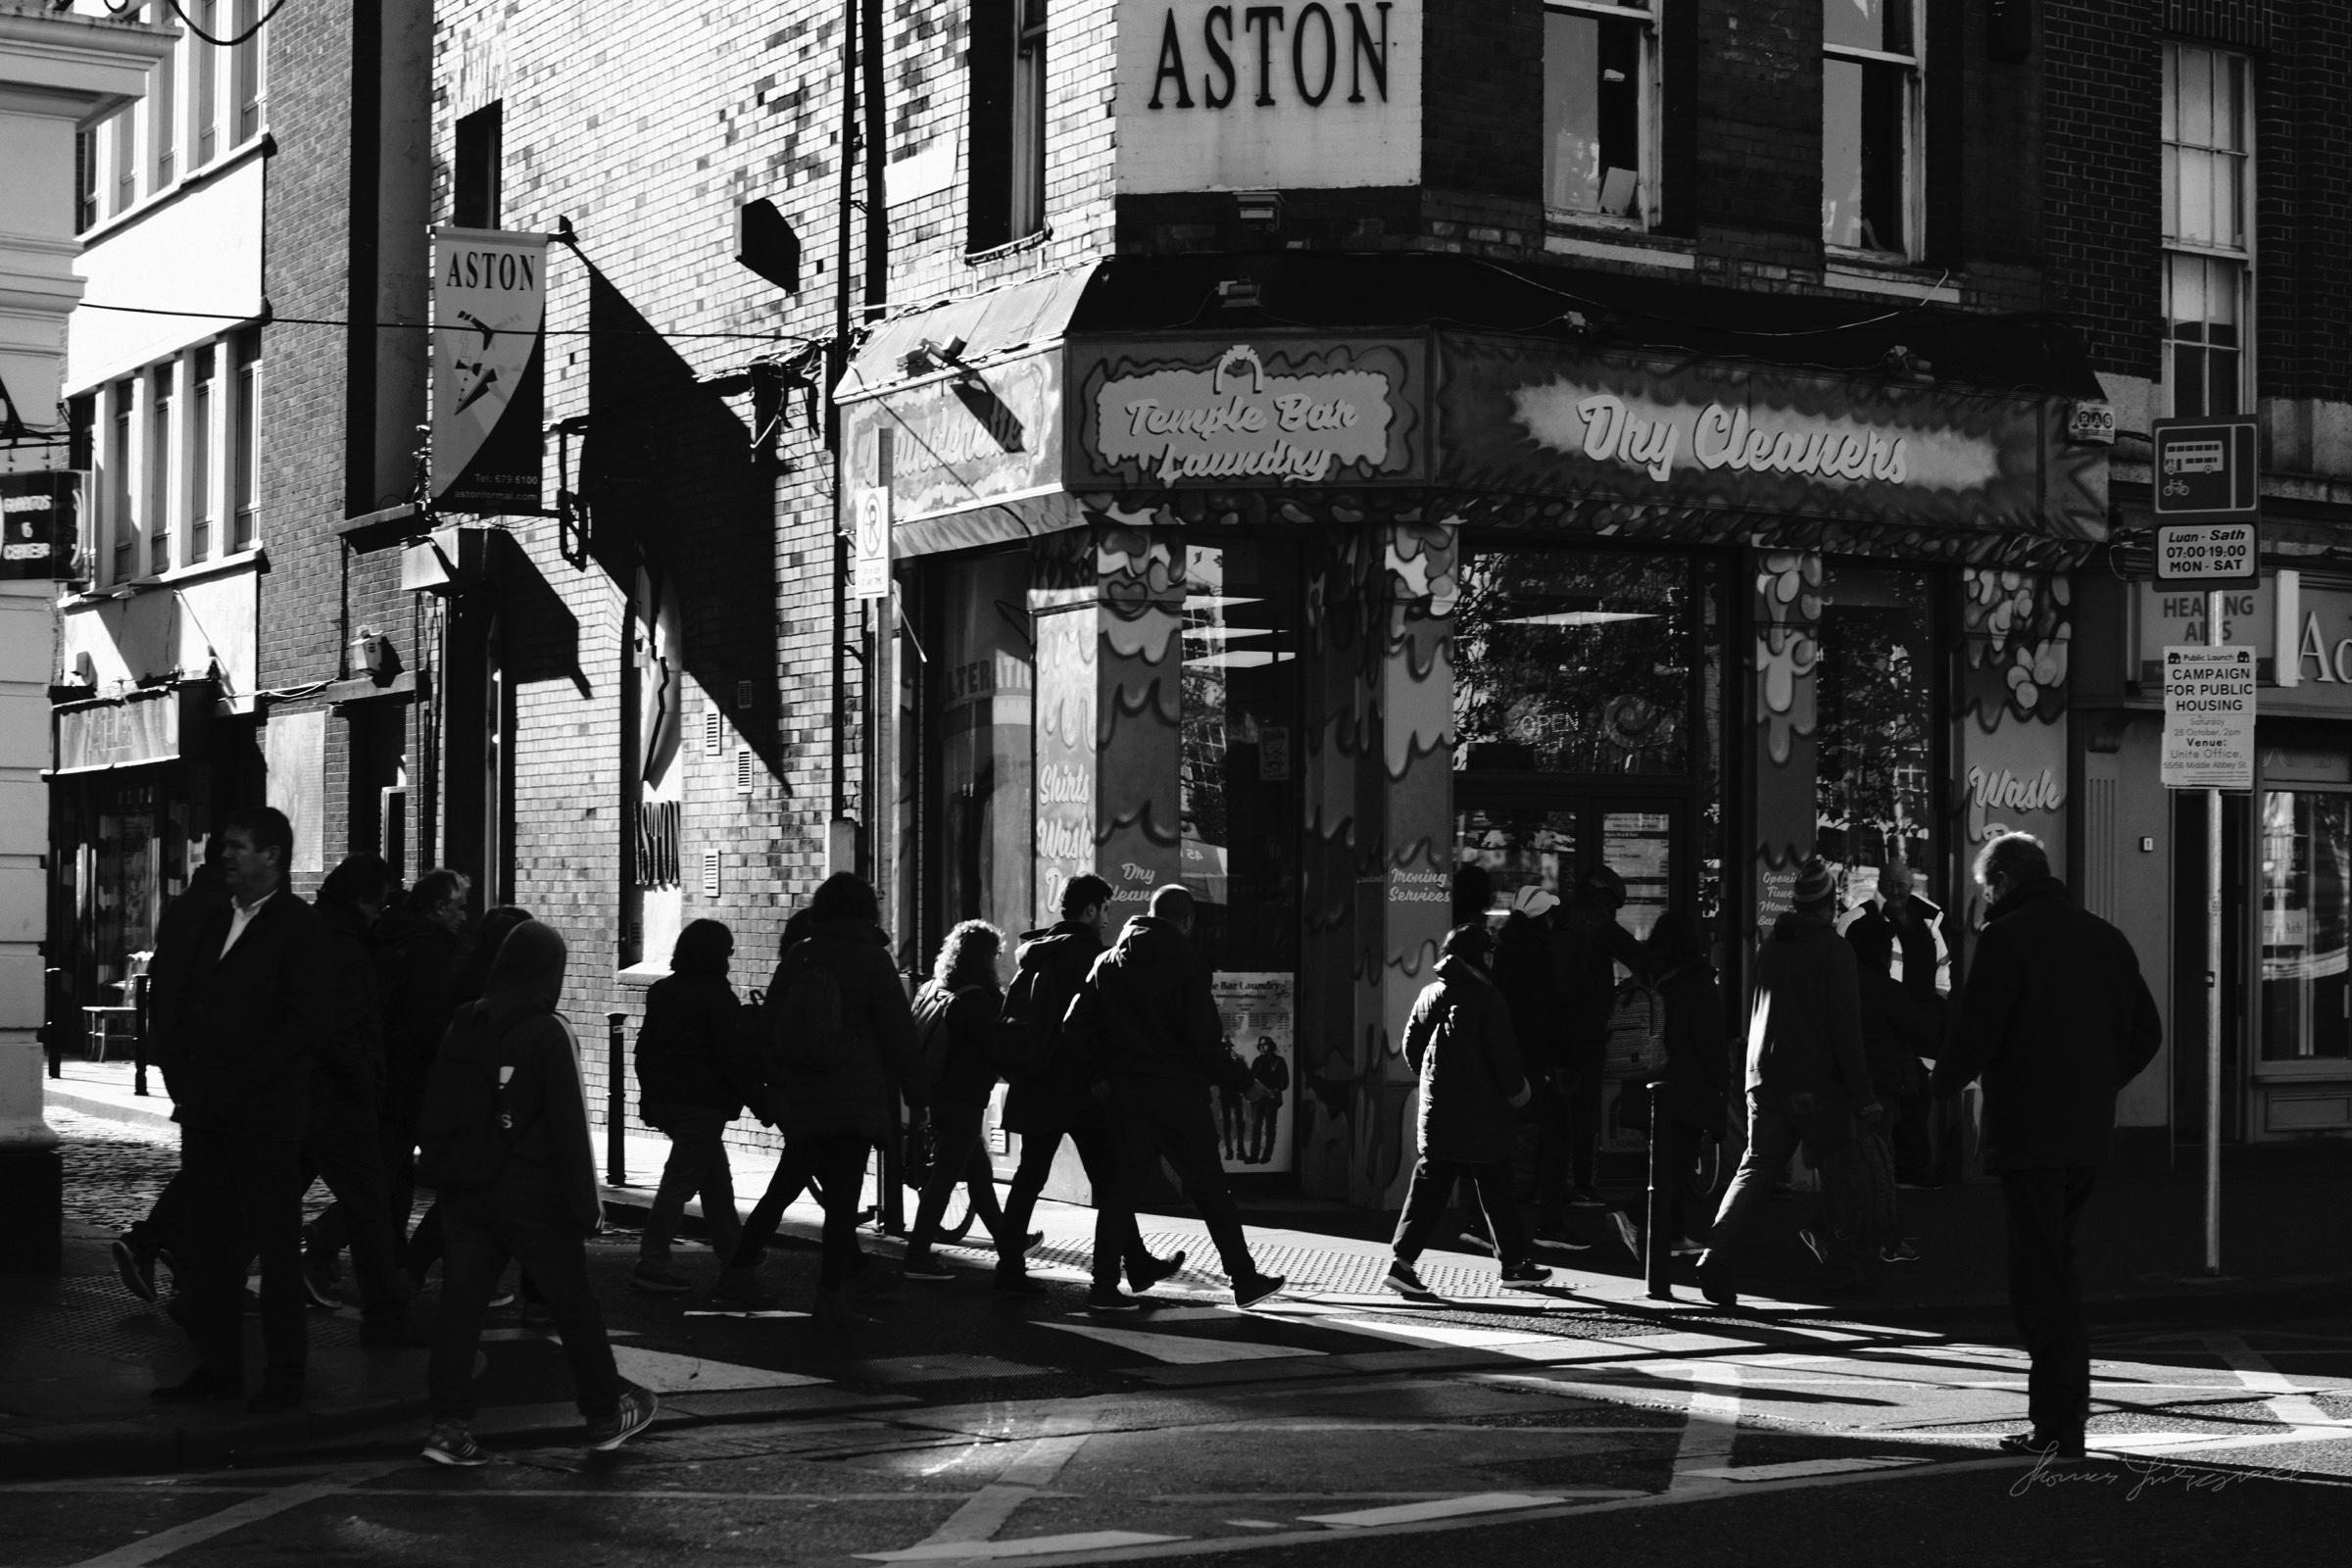 Street-Photography-Dublin-X-Pro2-Acros-056.jpg